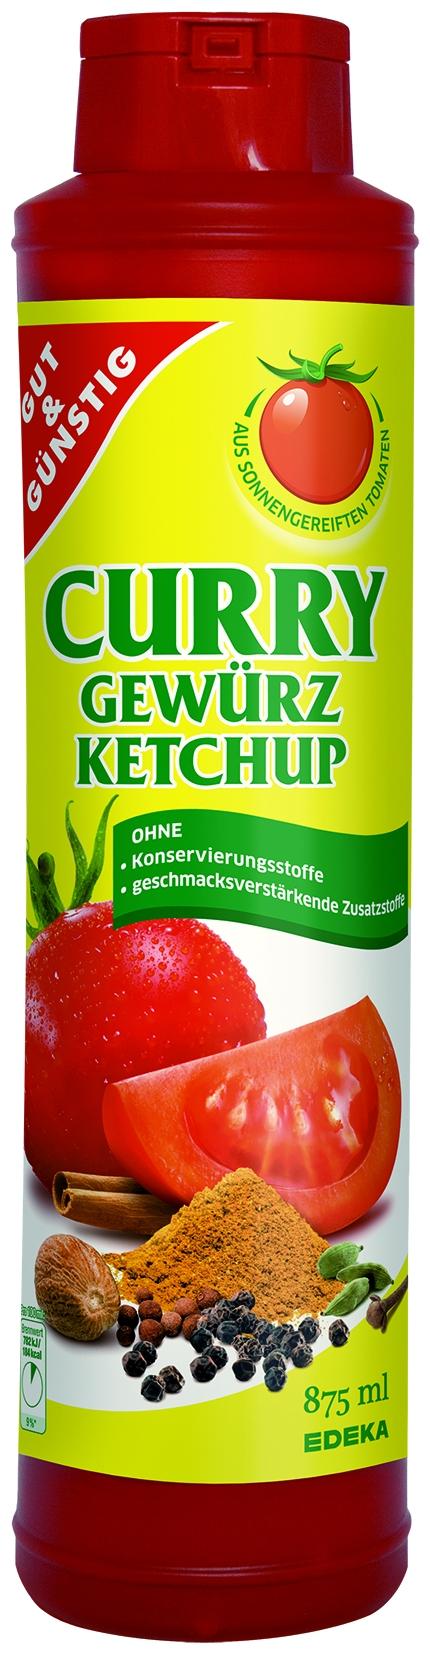 Curry Gewürz Ketchup